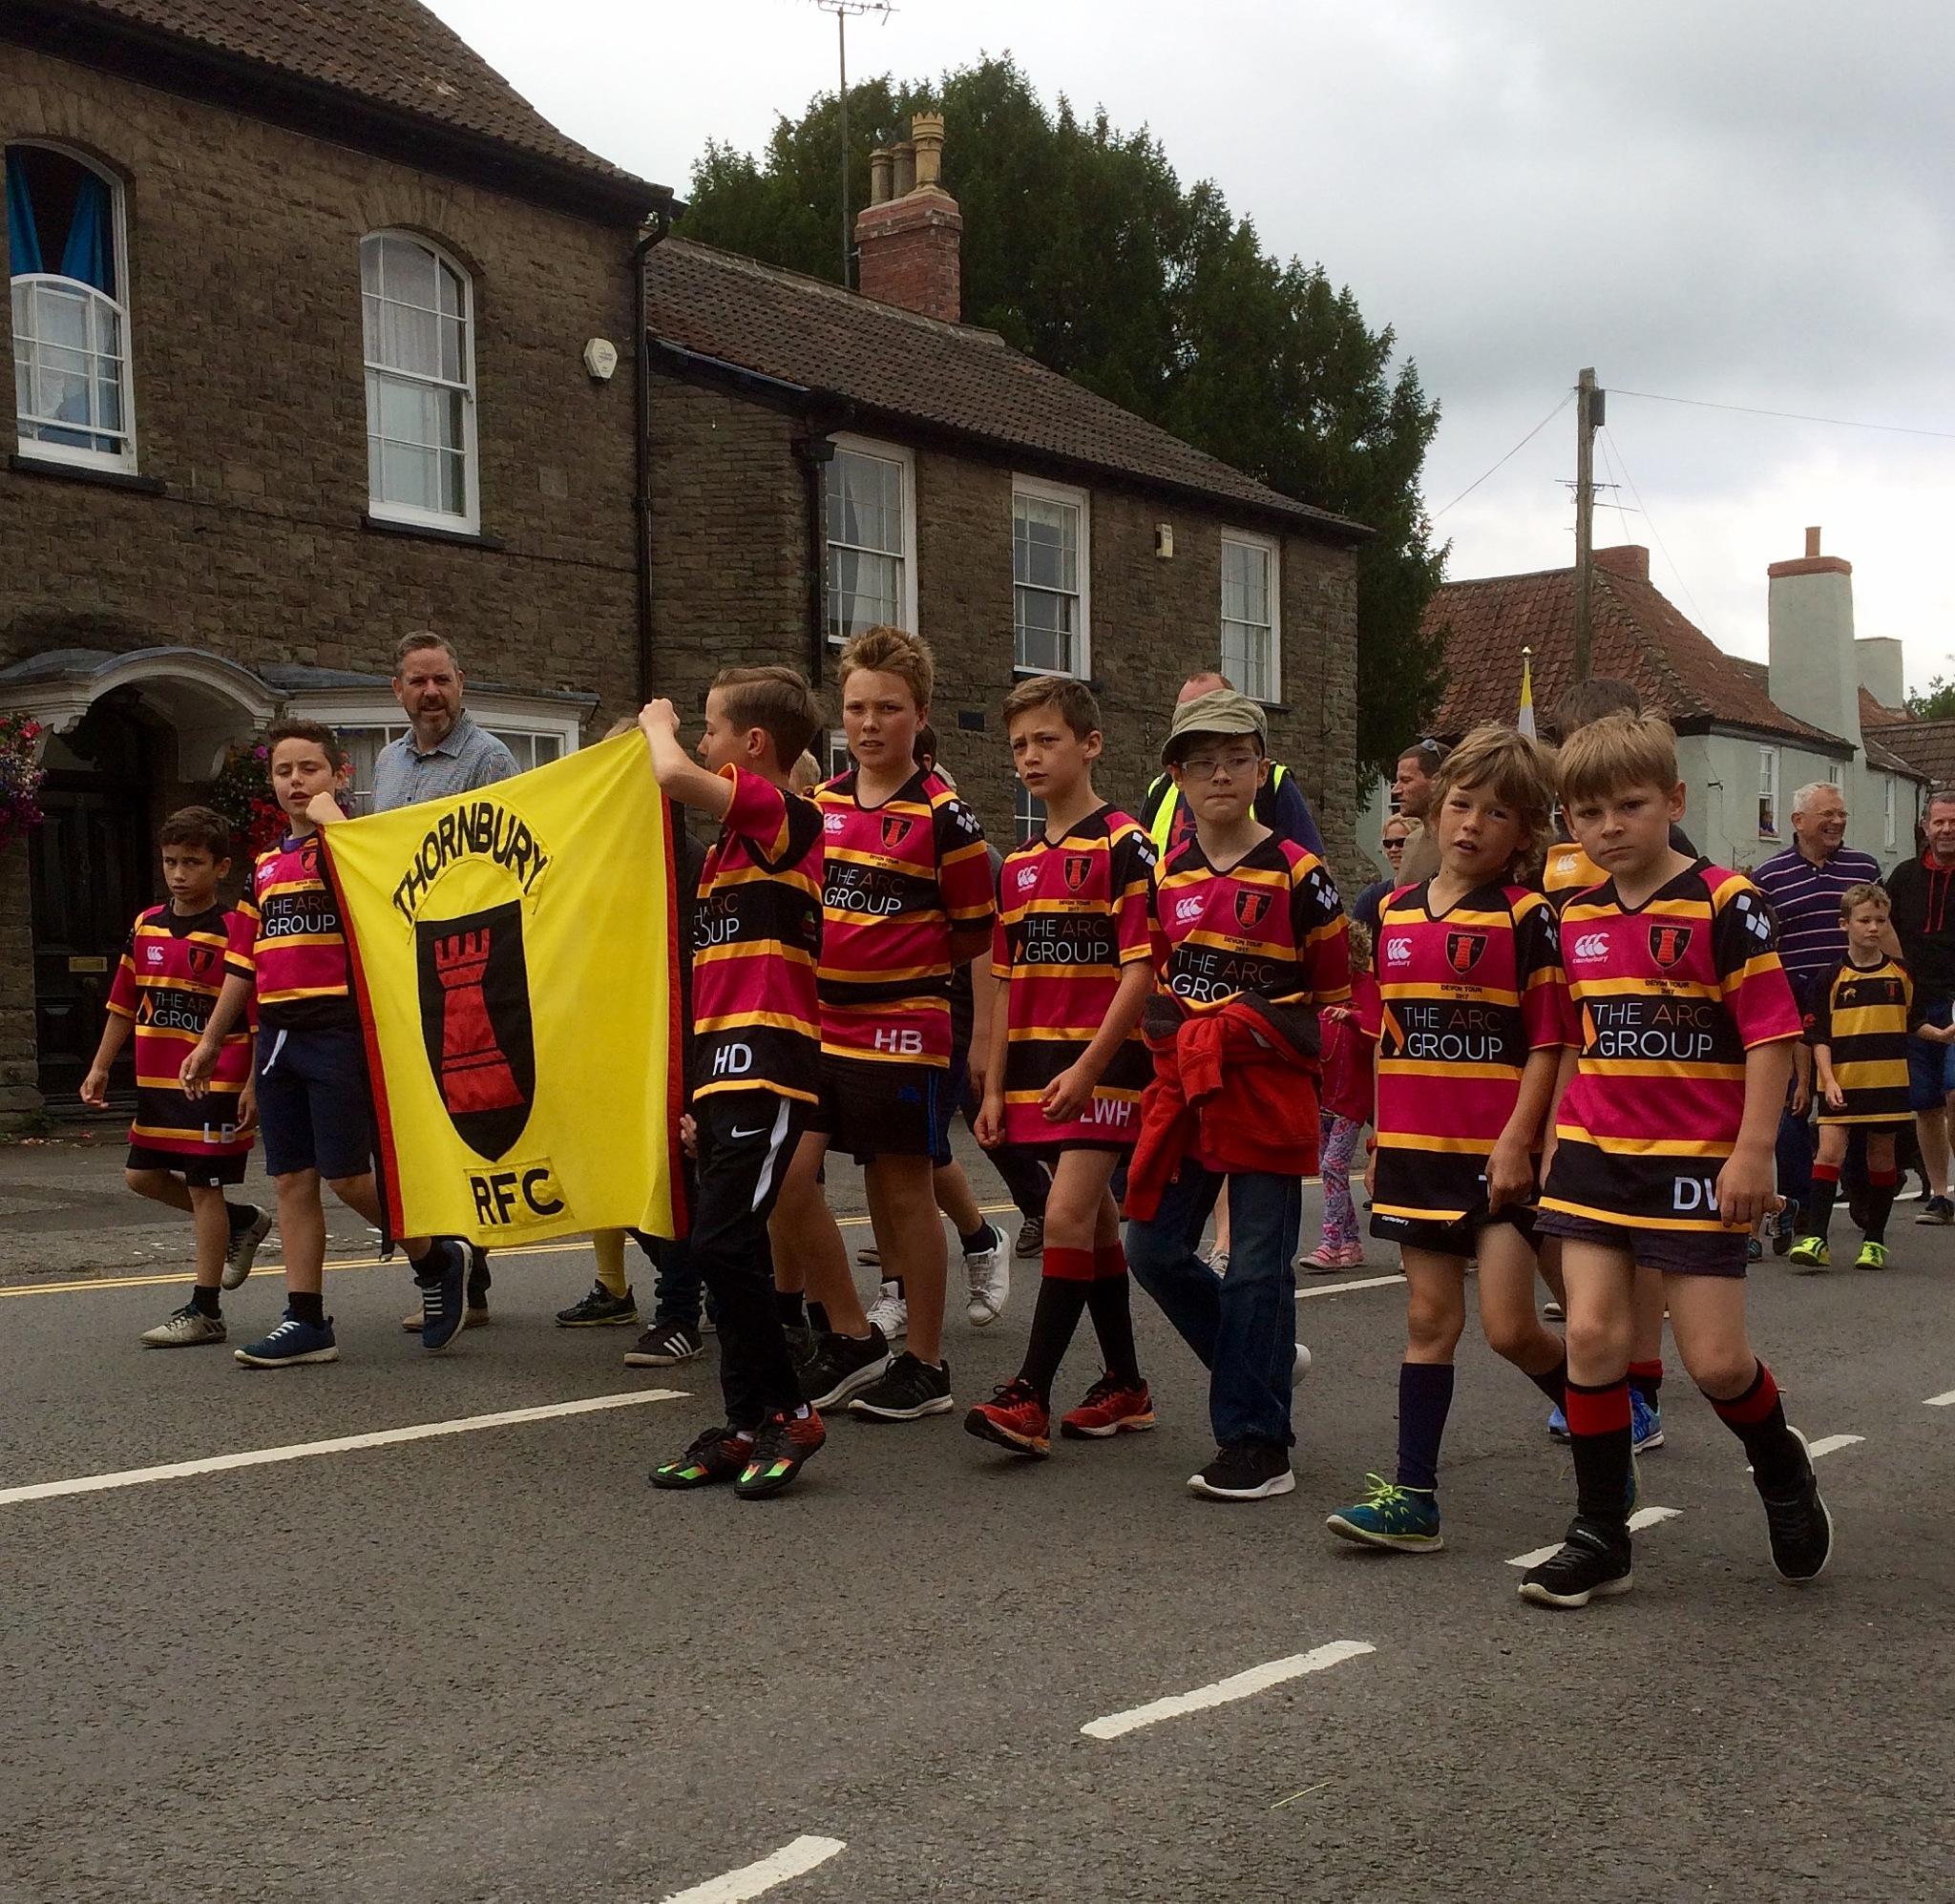 Thornbury Carnival Thornbury RFC by Michele